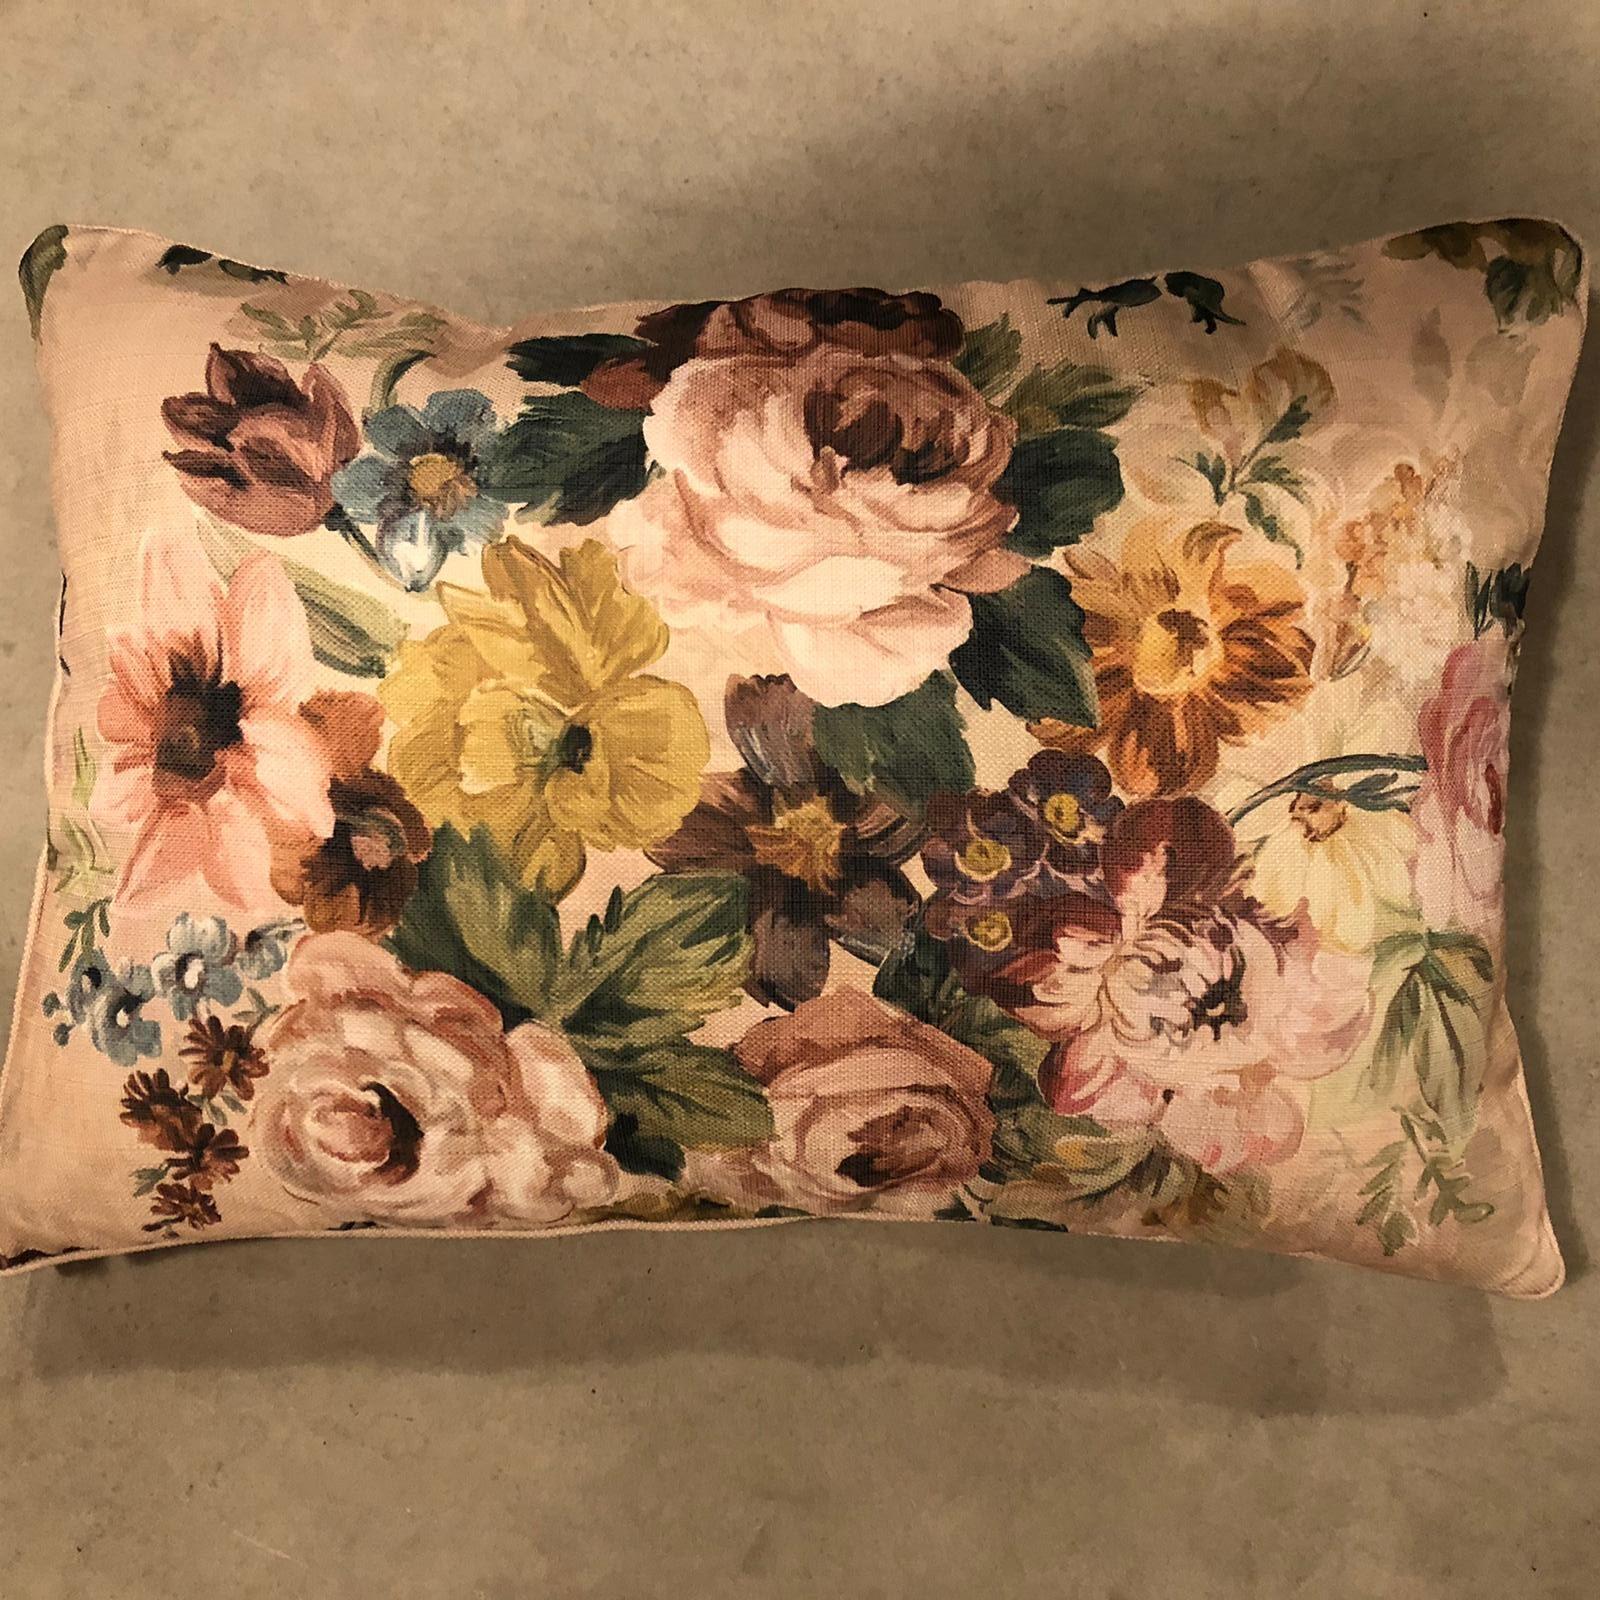 Cuscino rettangolare con grandi fiori colorati